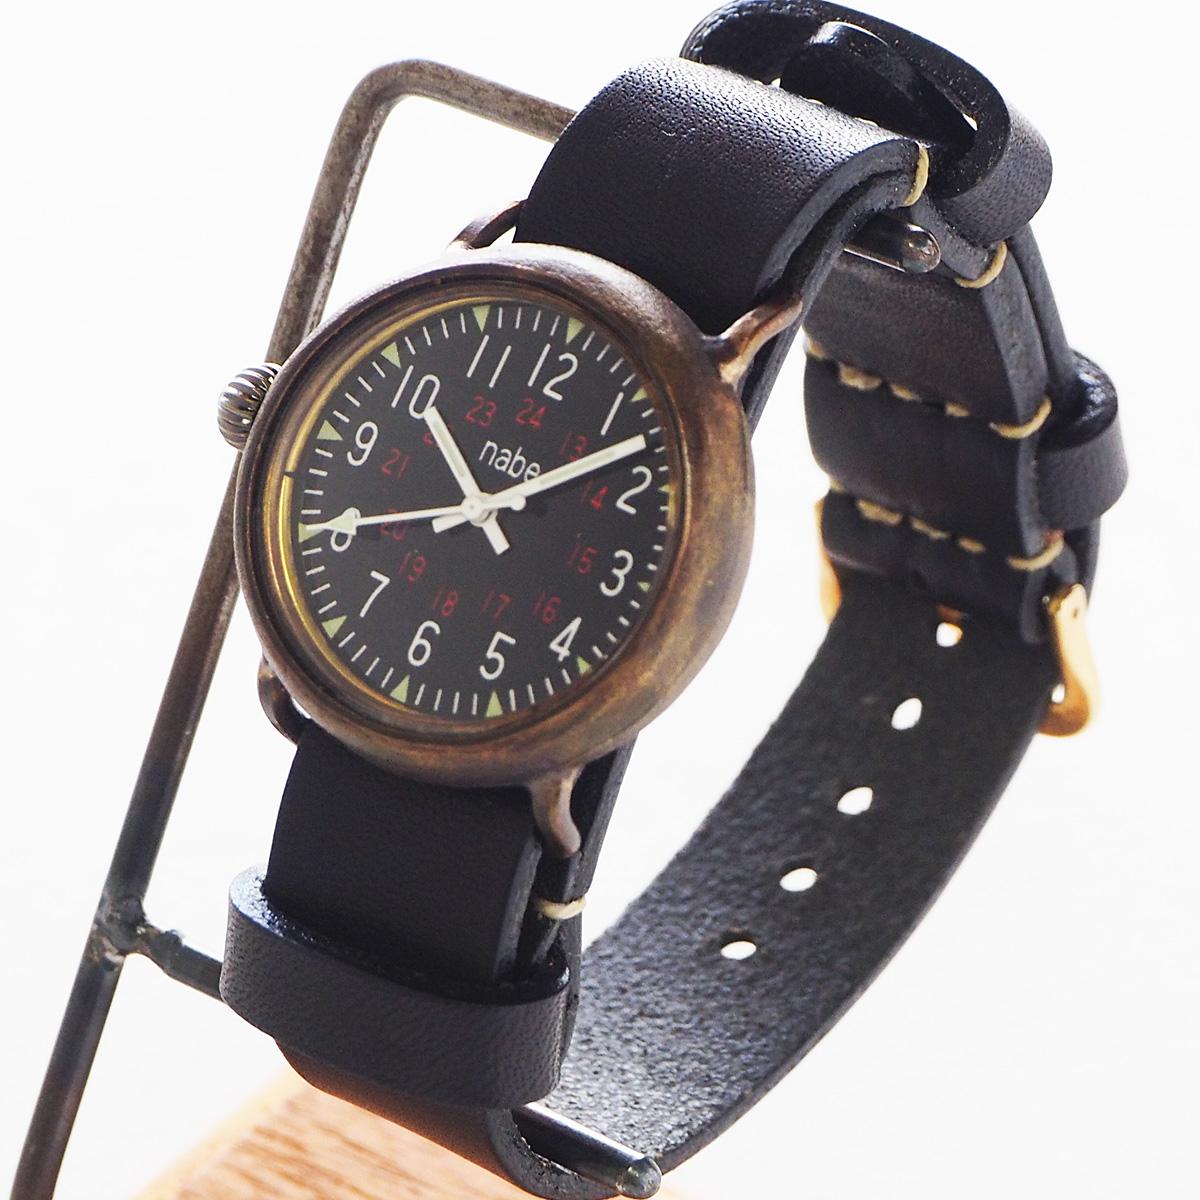 渡辺工房 手作り腕時計 Armor-MB-ML 黒文字盤 ミリタリーウォッチ NATOベルト [NW-370]